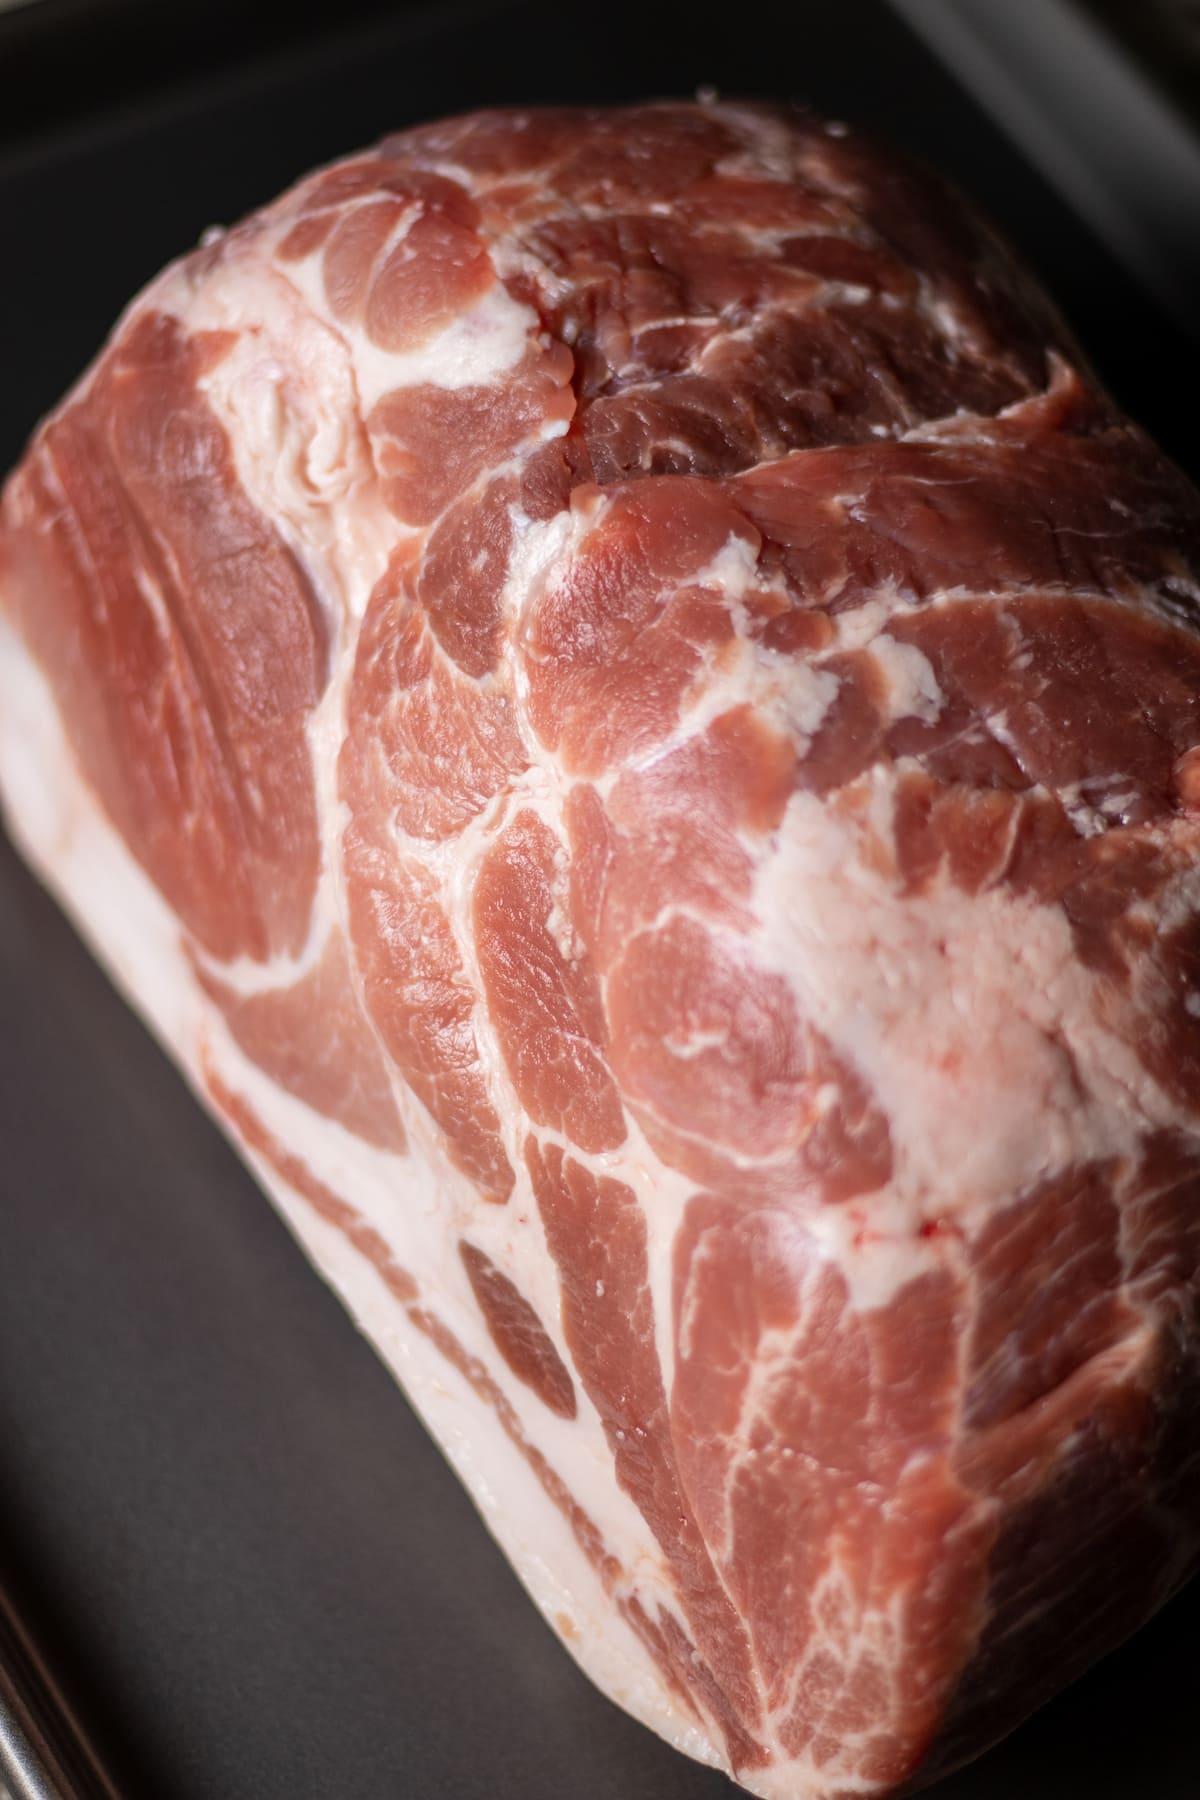 a raw pork butt.